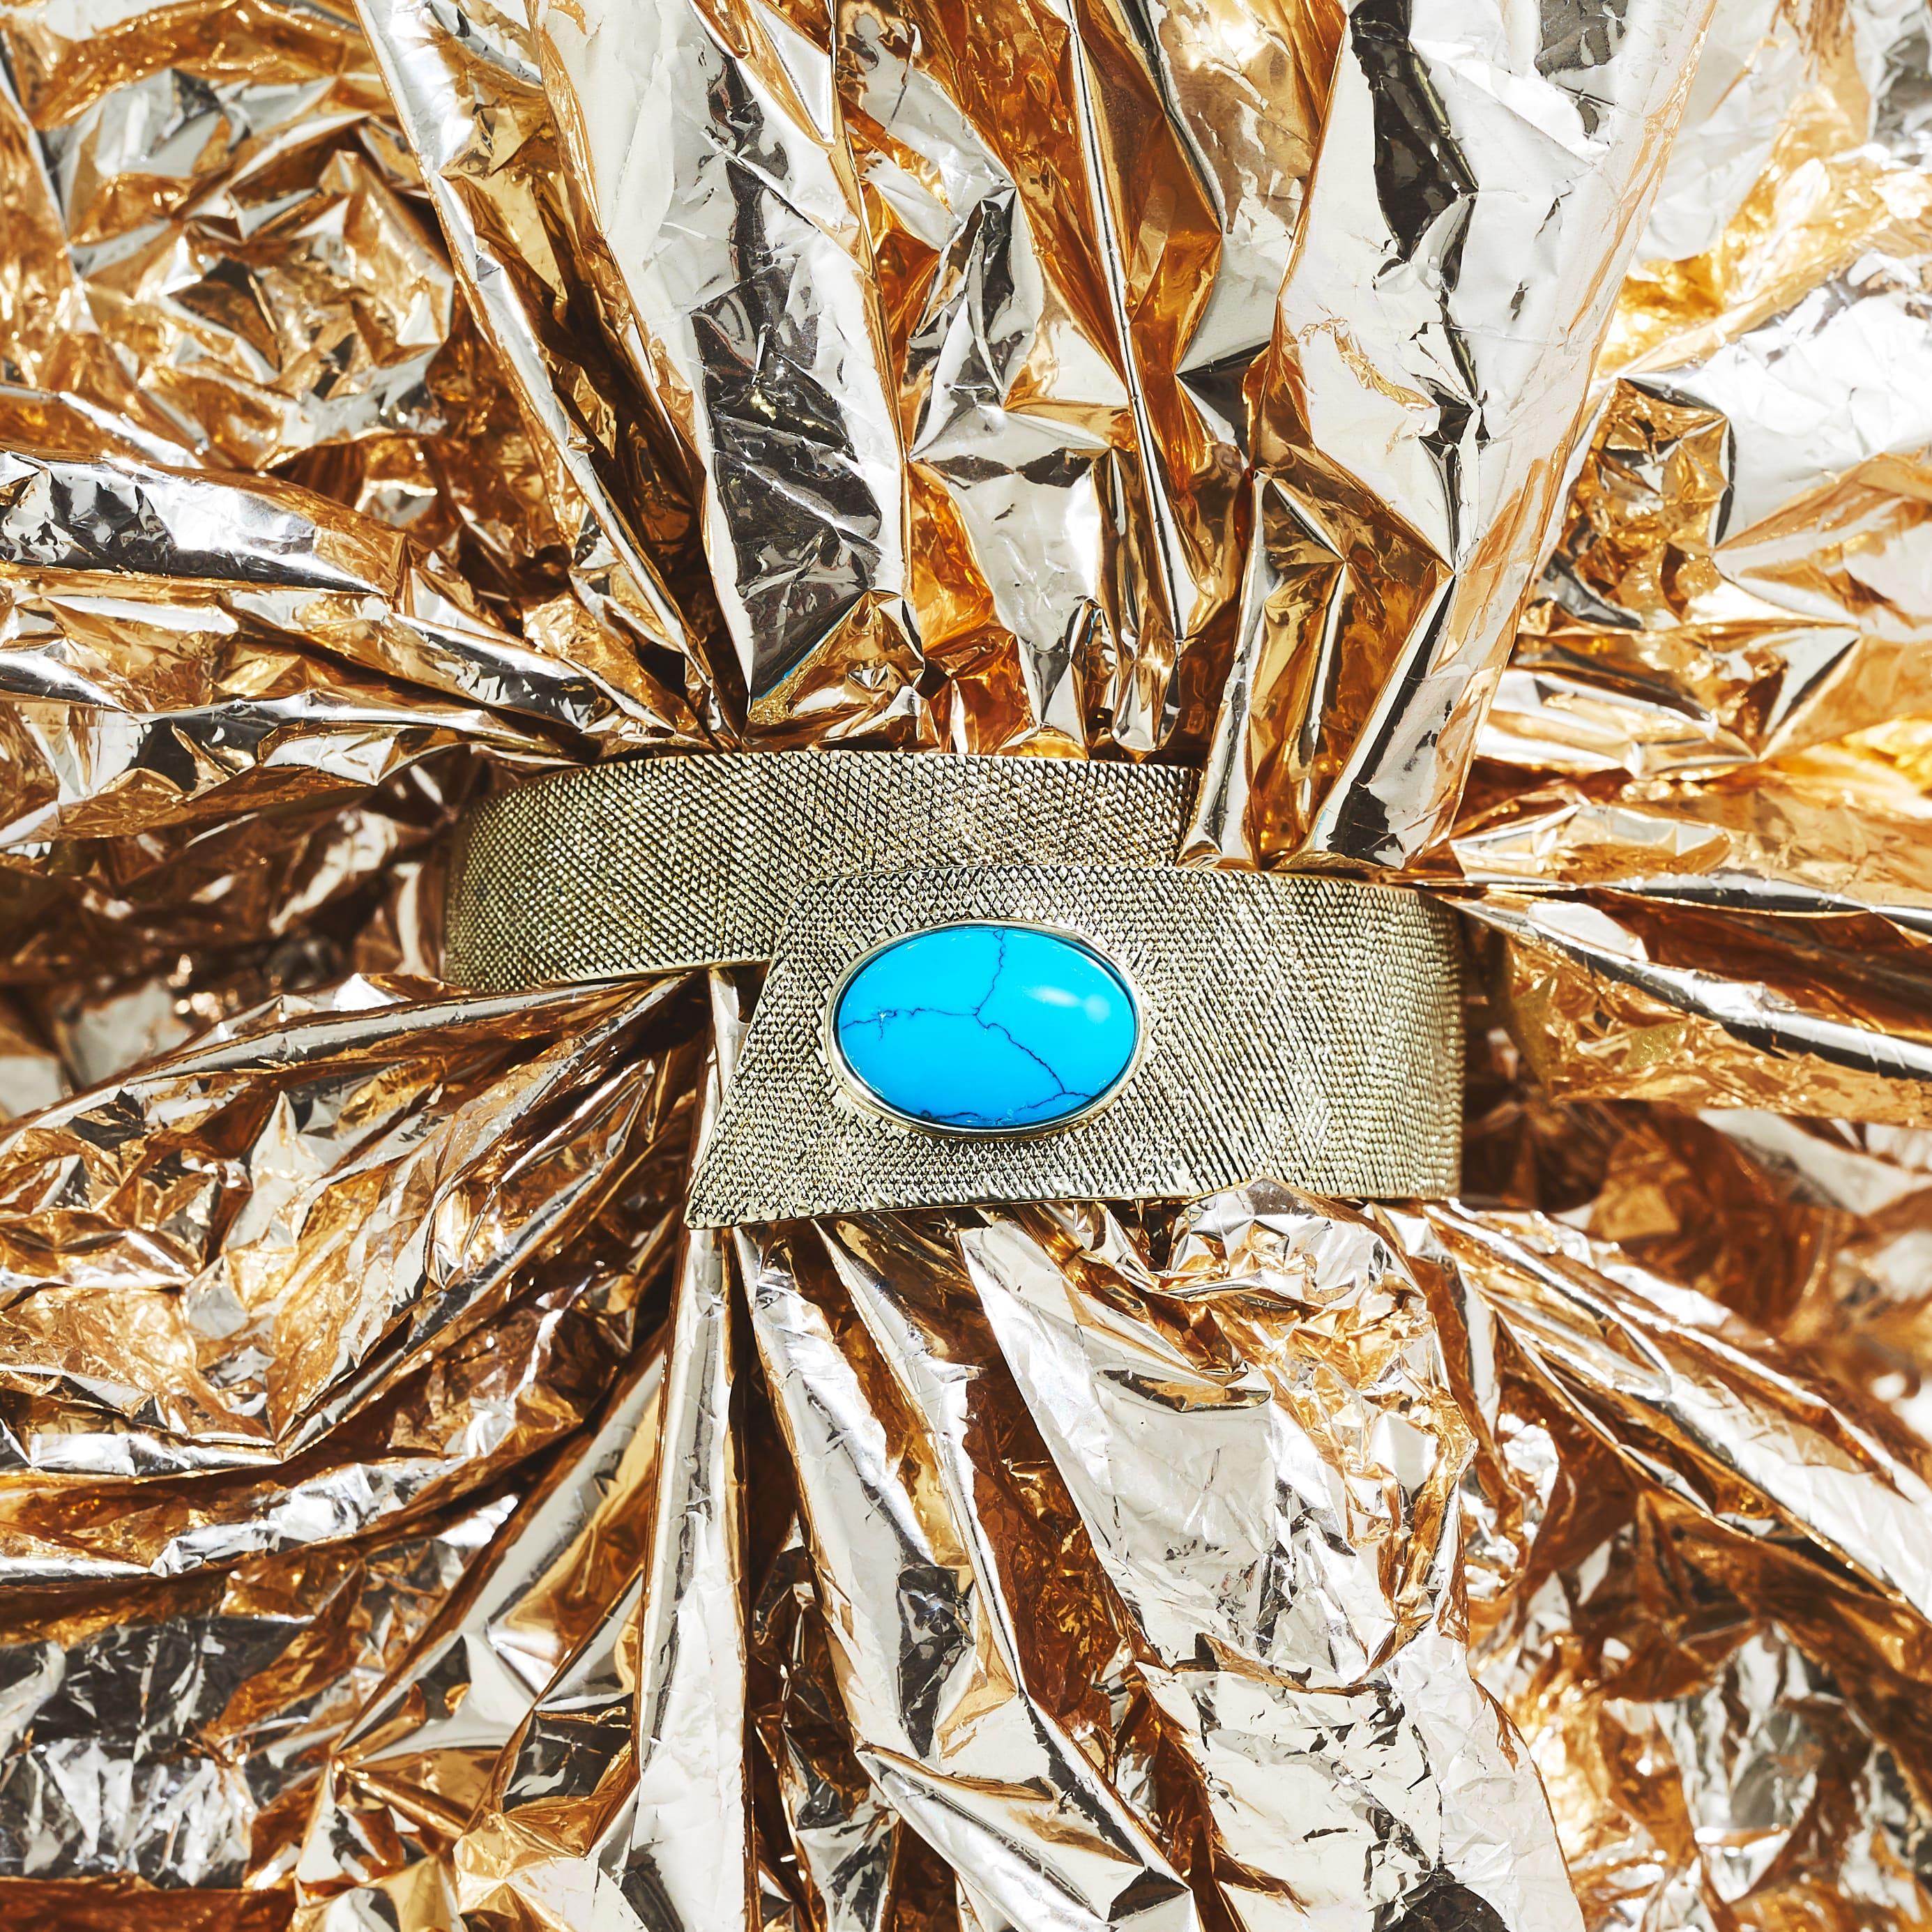 Photo nature morte d'un bracelet en or de luxe mis en situation à destination d'un magazine